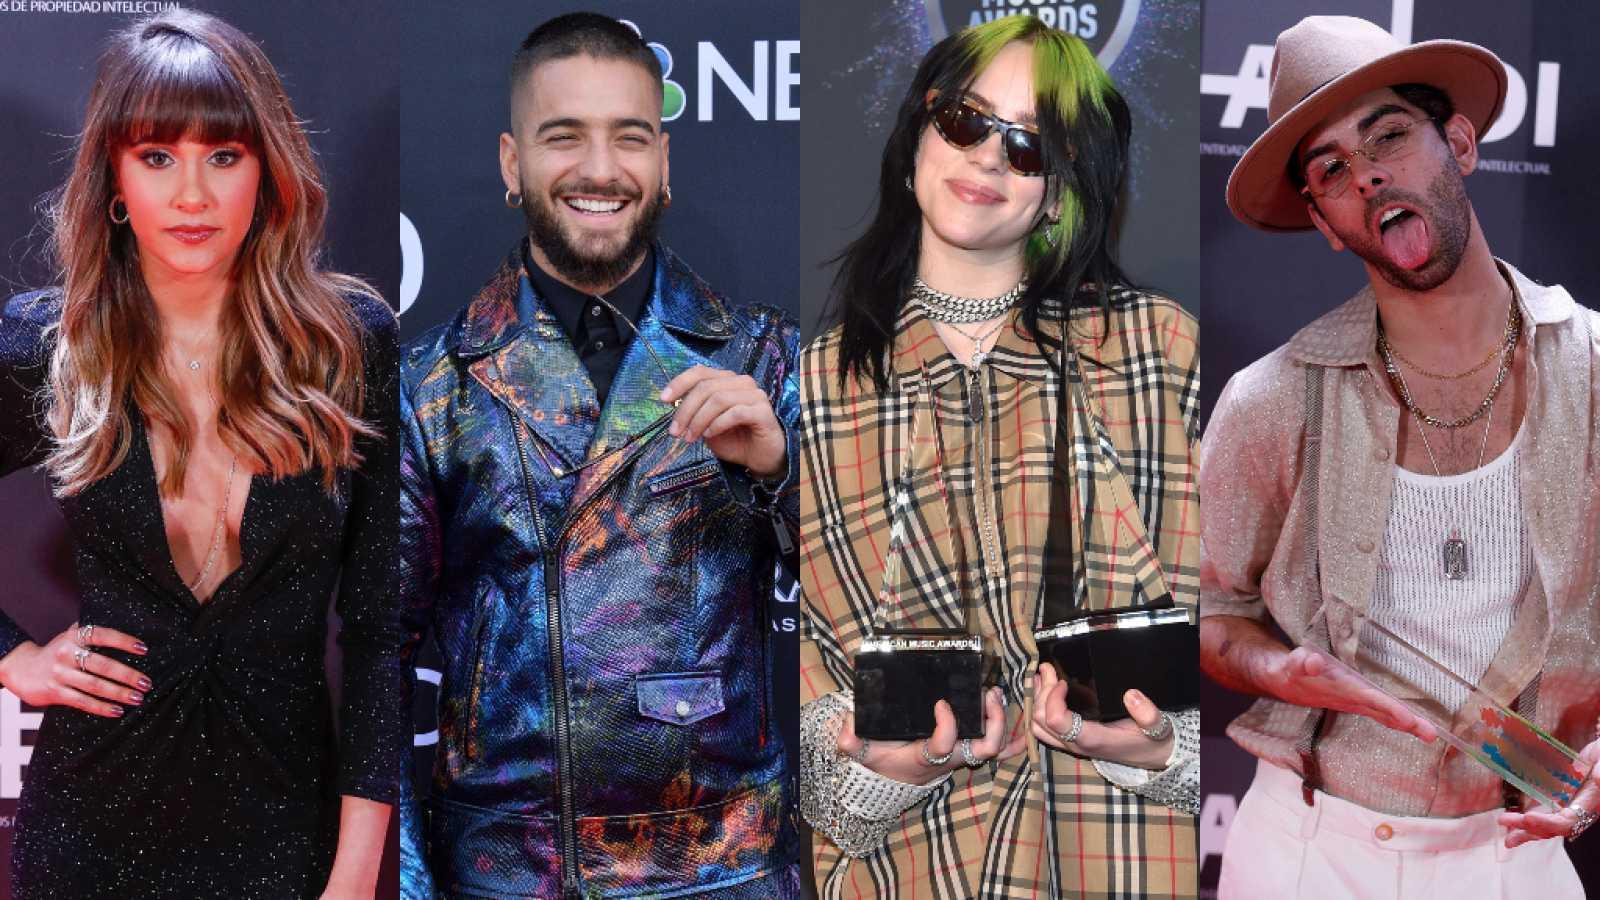 La playlist de la semana: Aitana con Morat, Maluma, Billie Eilish, Bad Gyal y Don Patricio, entre las novedades